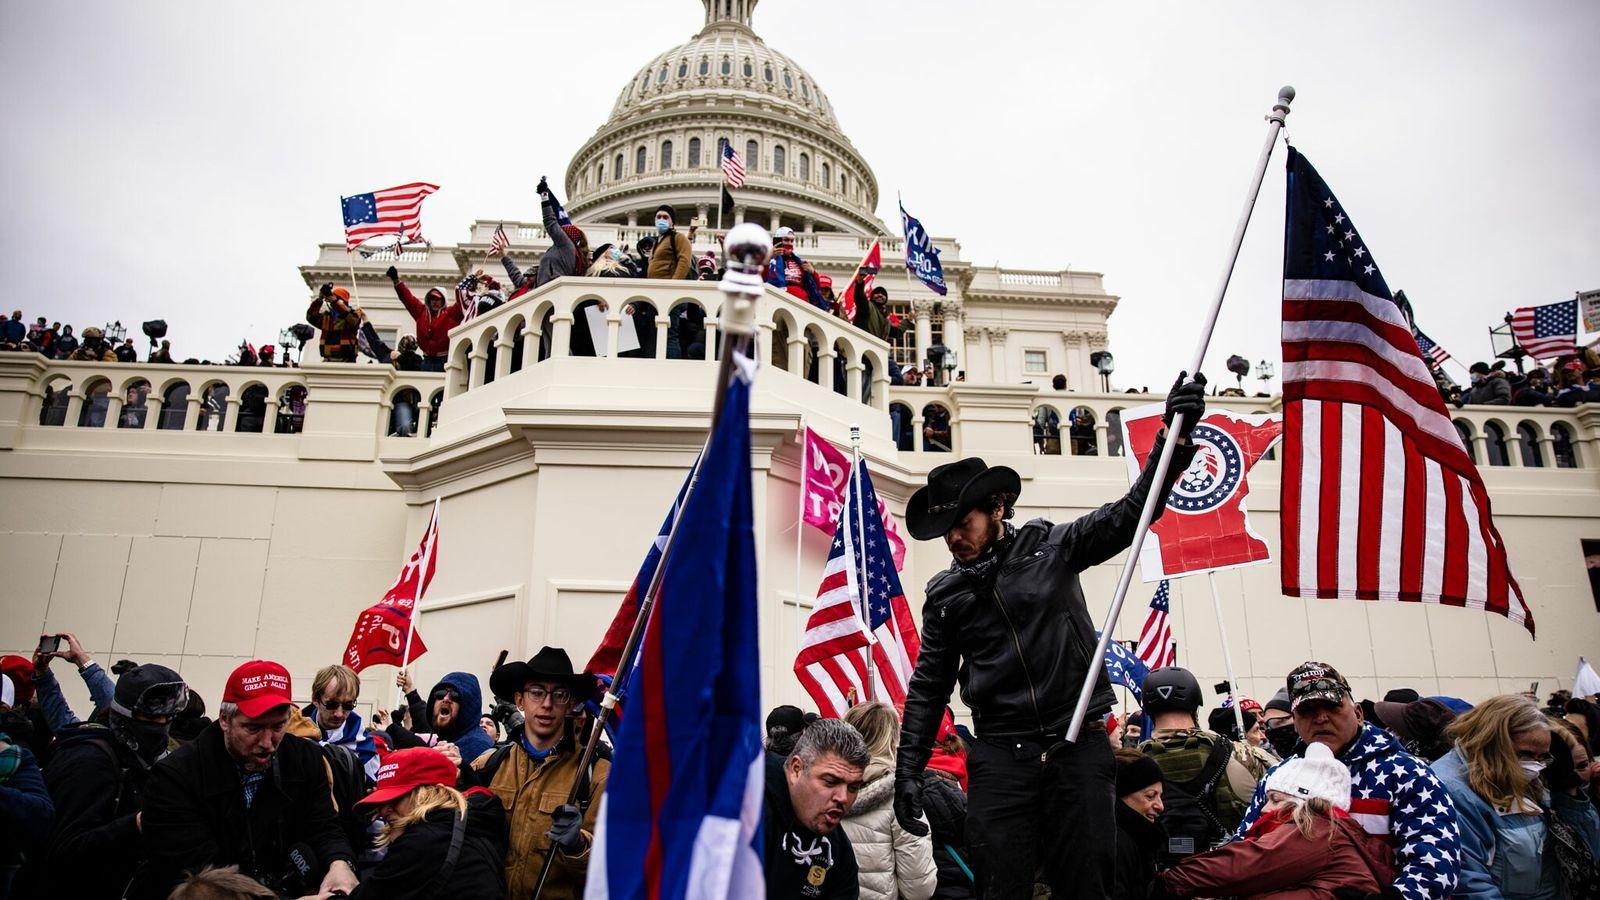 Am Mittwochnachmittag stürmte eine Gruppe von Anhängern des Präsidenten Donald Trump das US-Kapitol in Washington D.C. ...